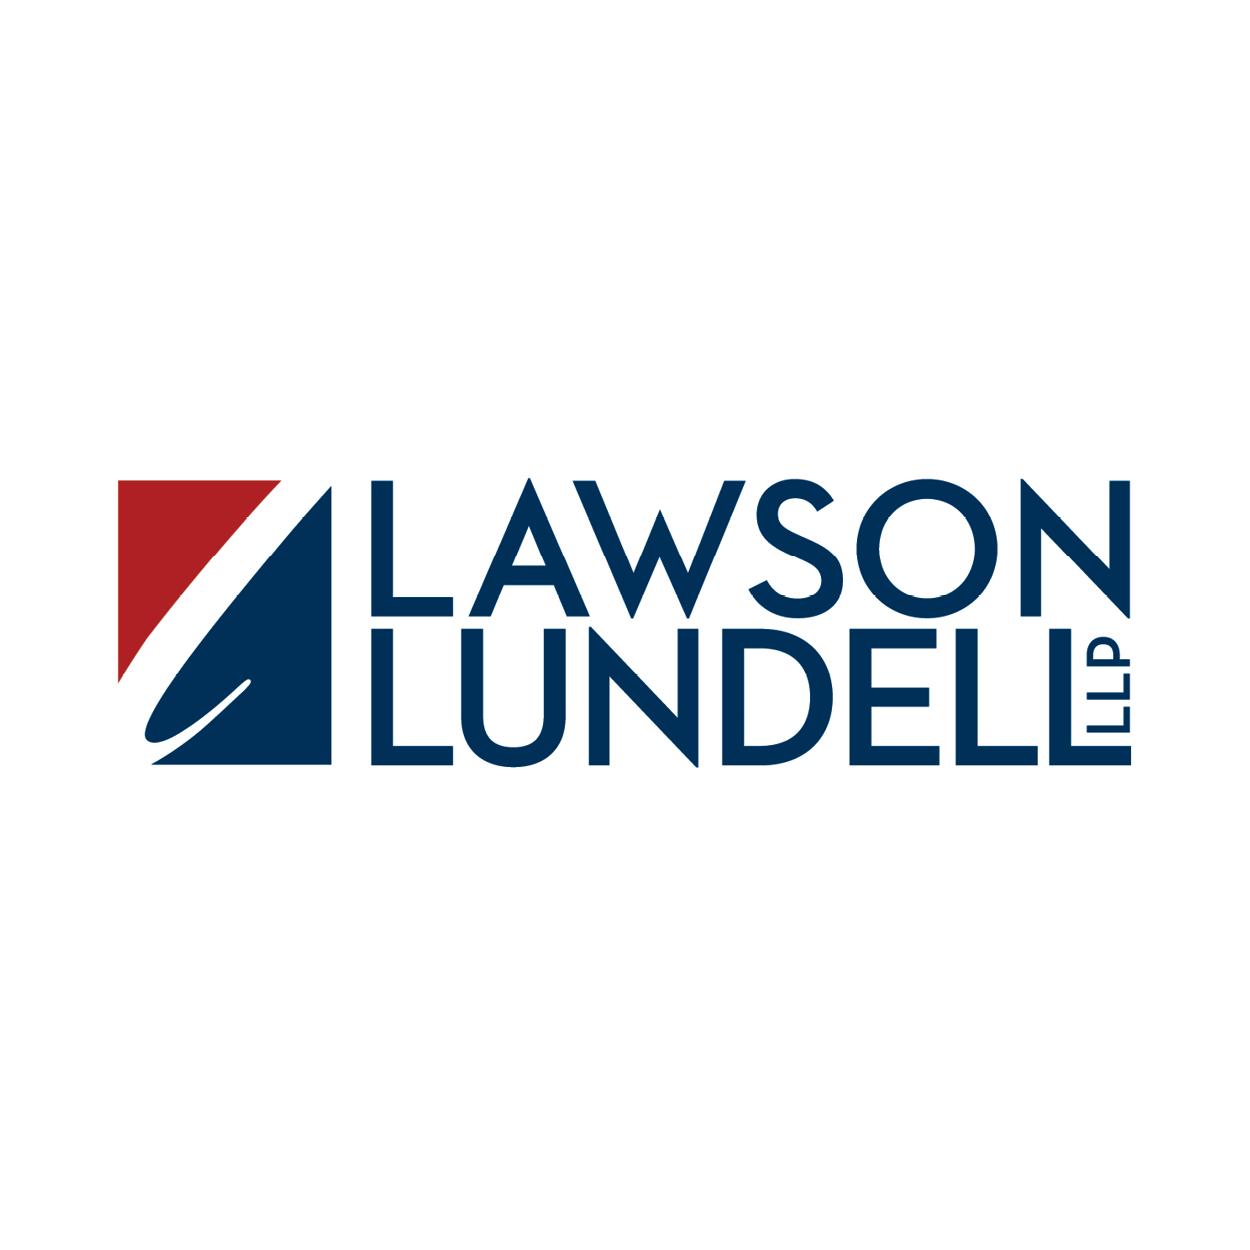 LAWSON LUNDELL